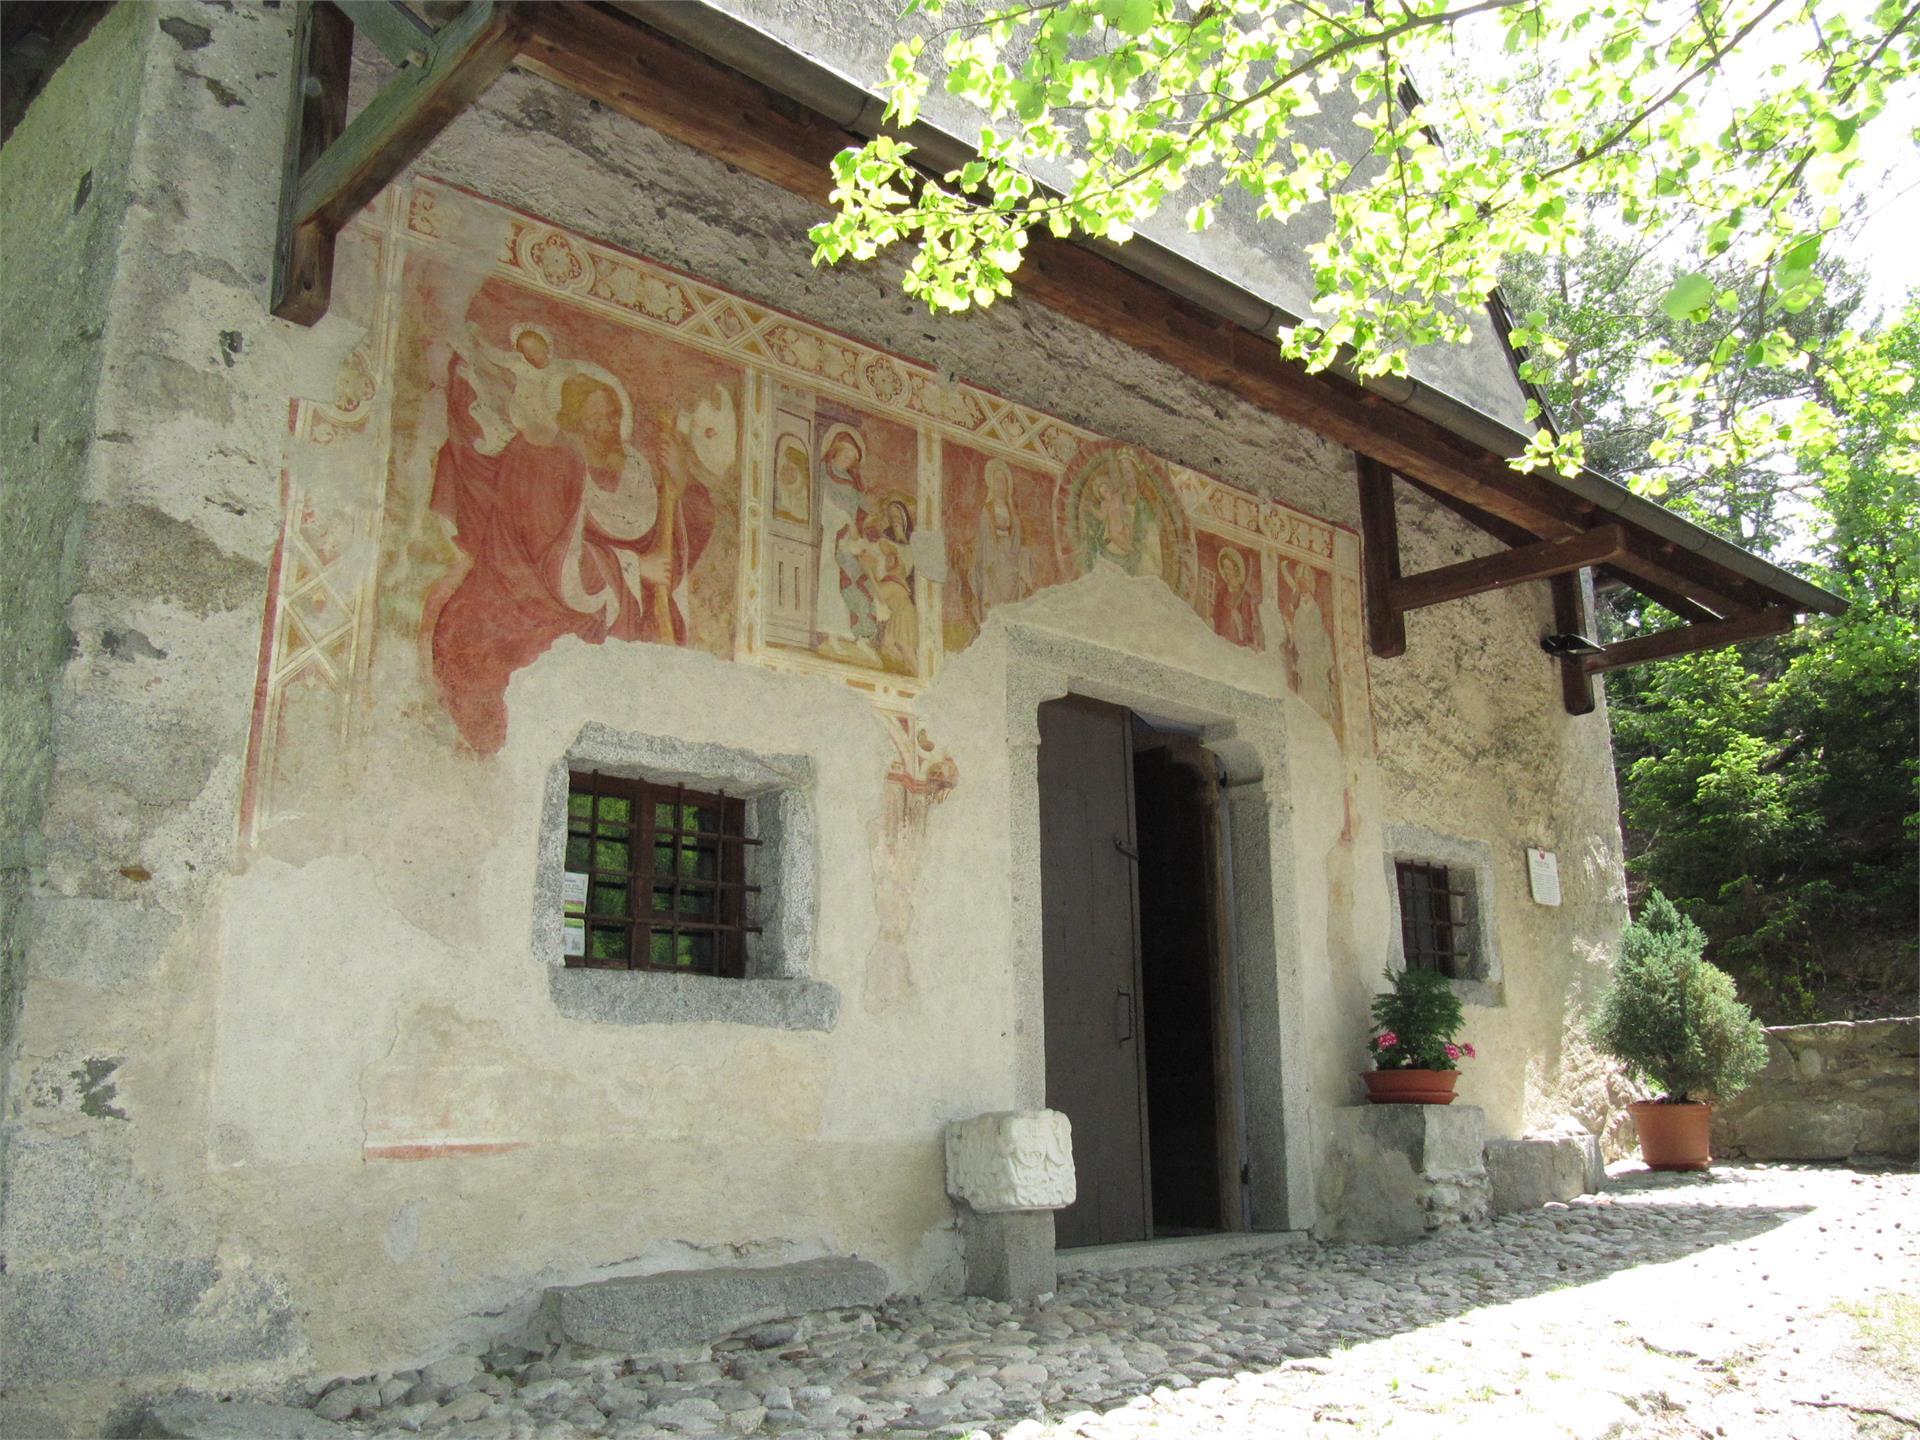 Sentiero S. Cirillo